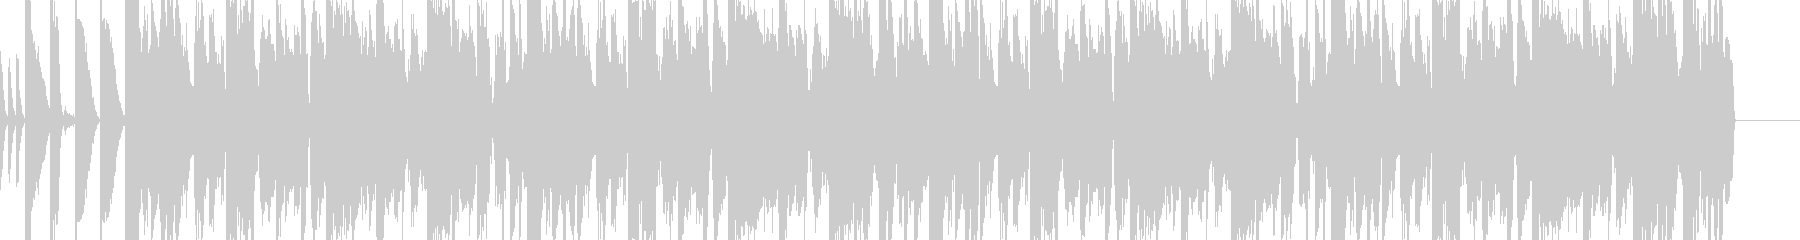 ダブステップなジングルの未再生の波形